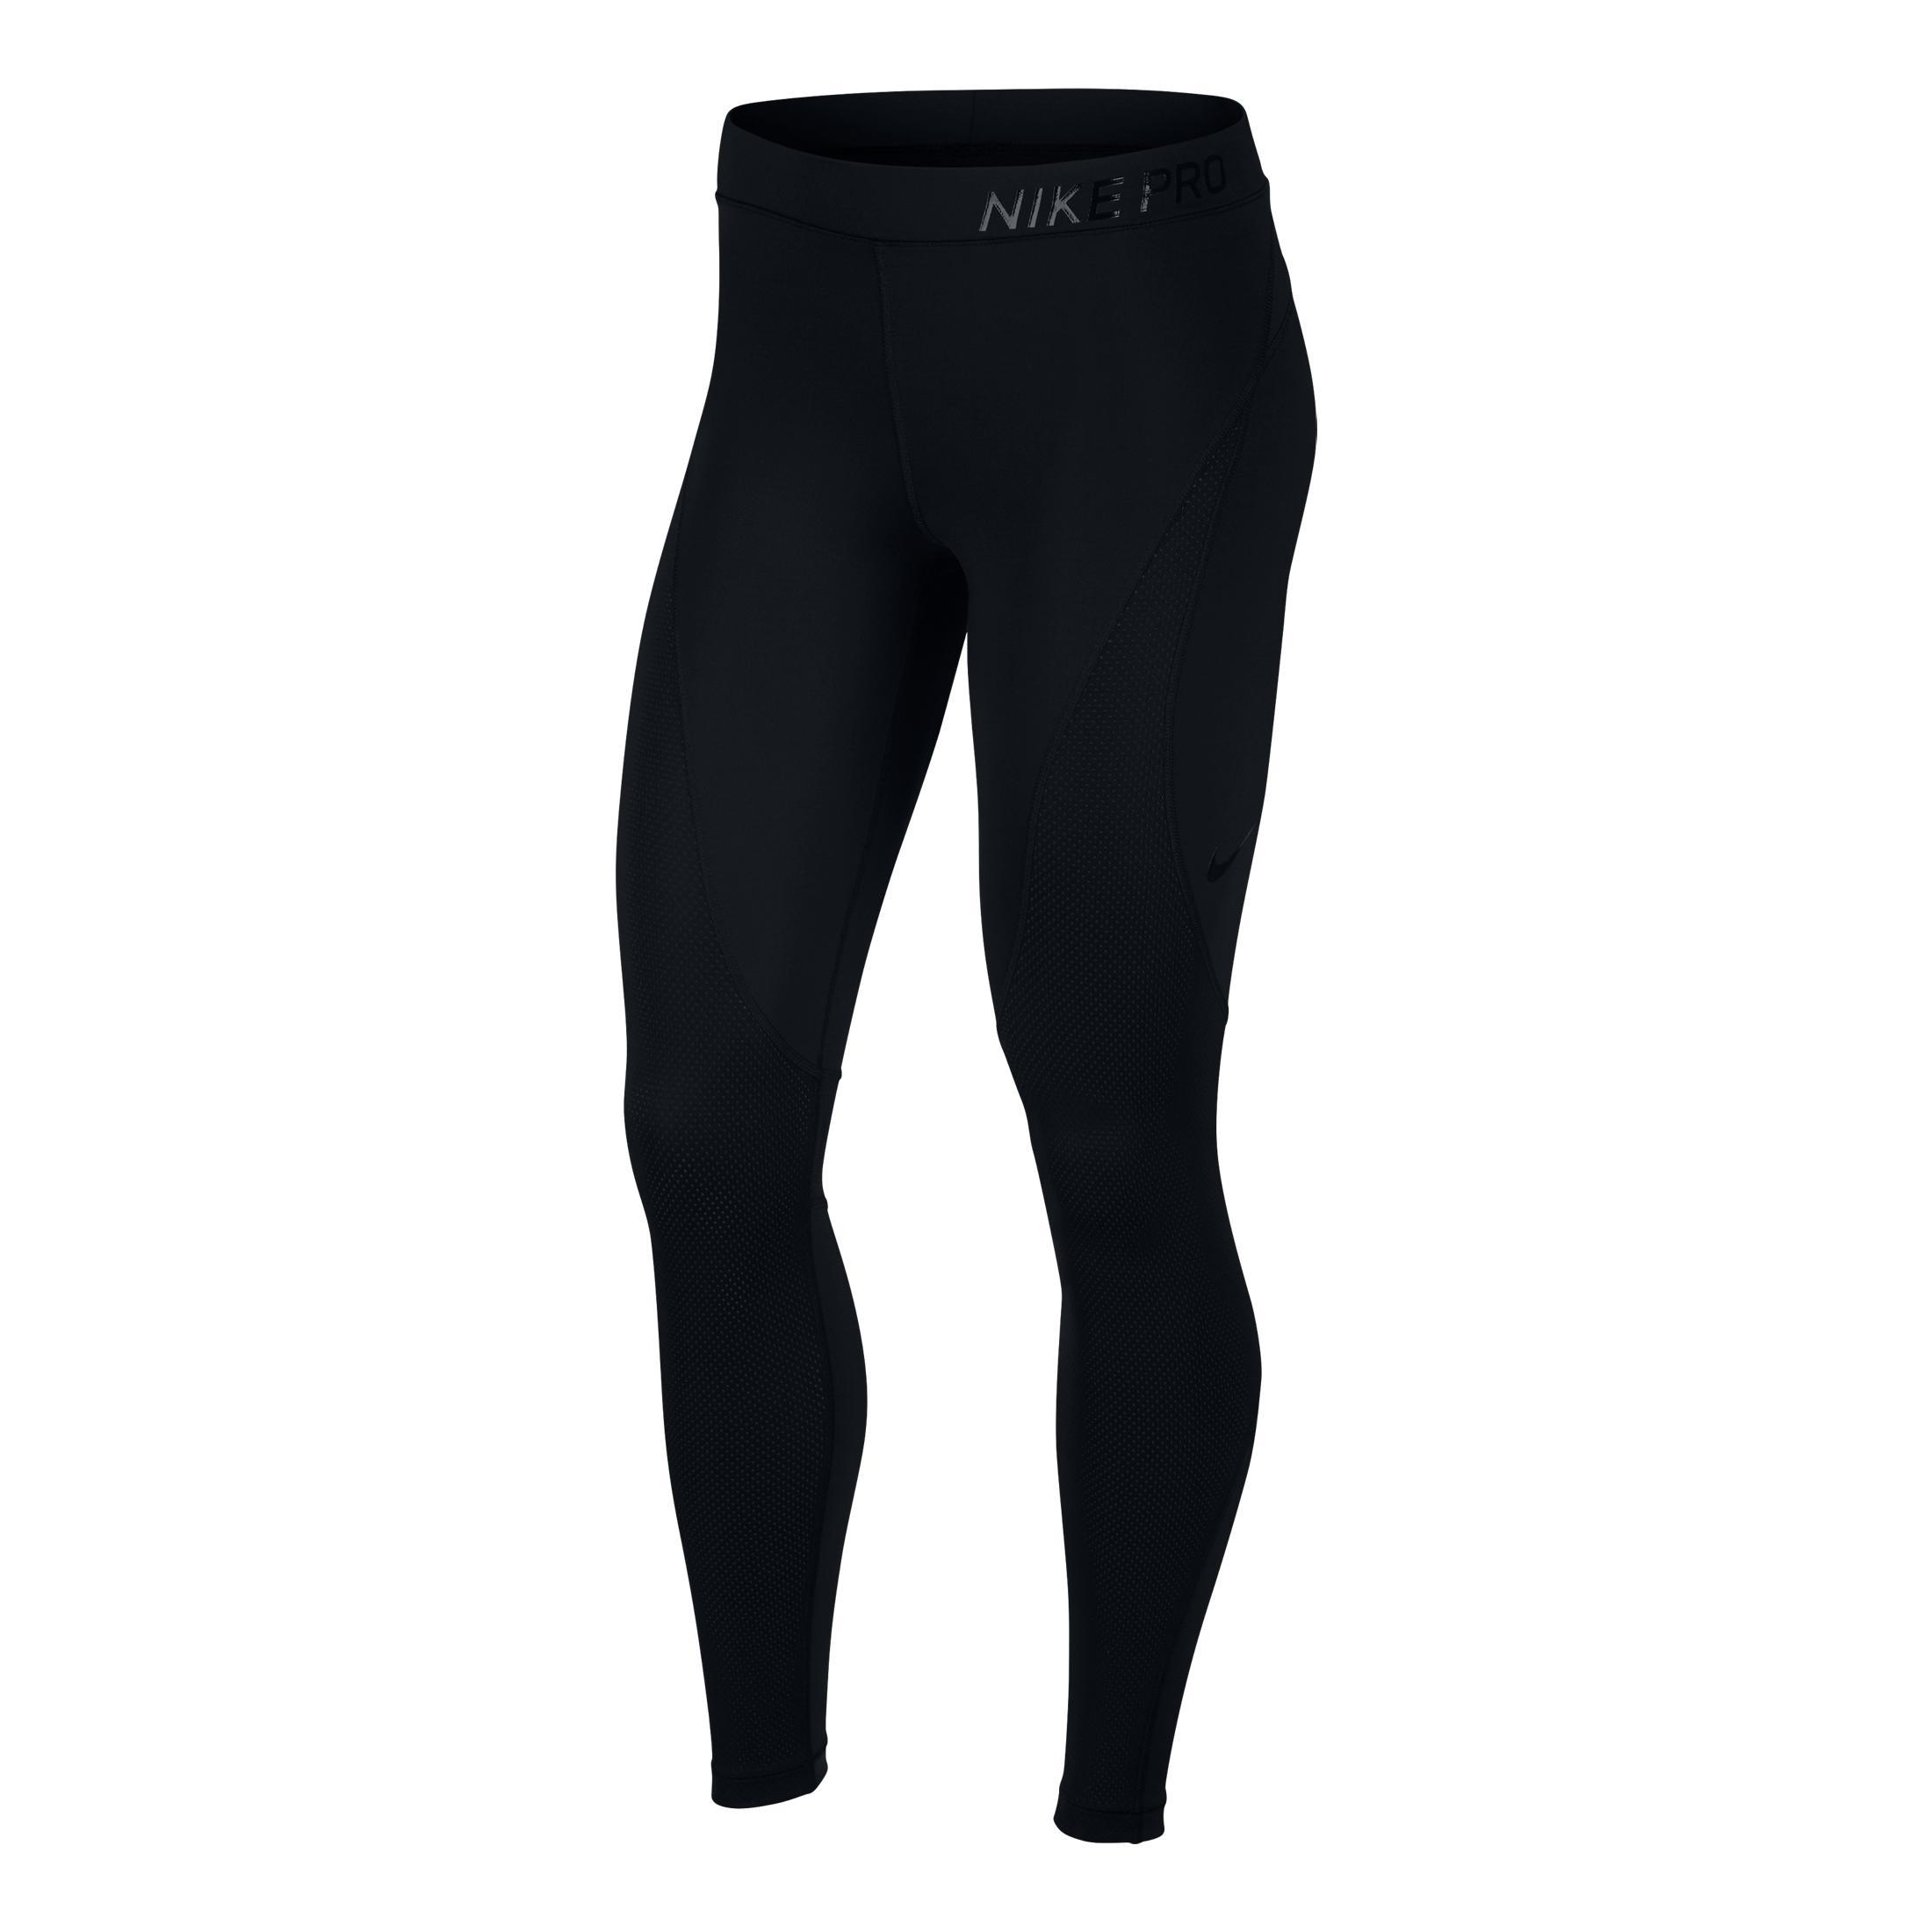 Collant pro hypercool tight nike noir - modèle femme a83b019a172